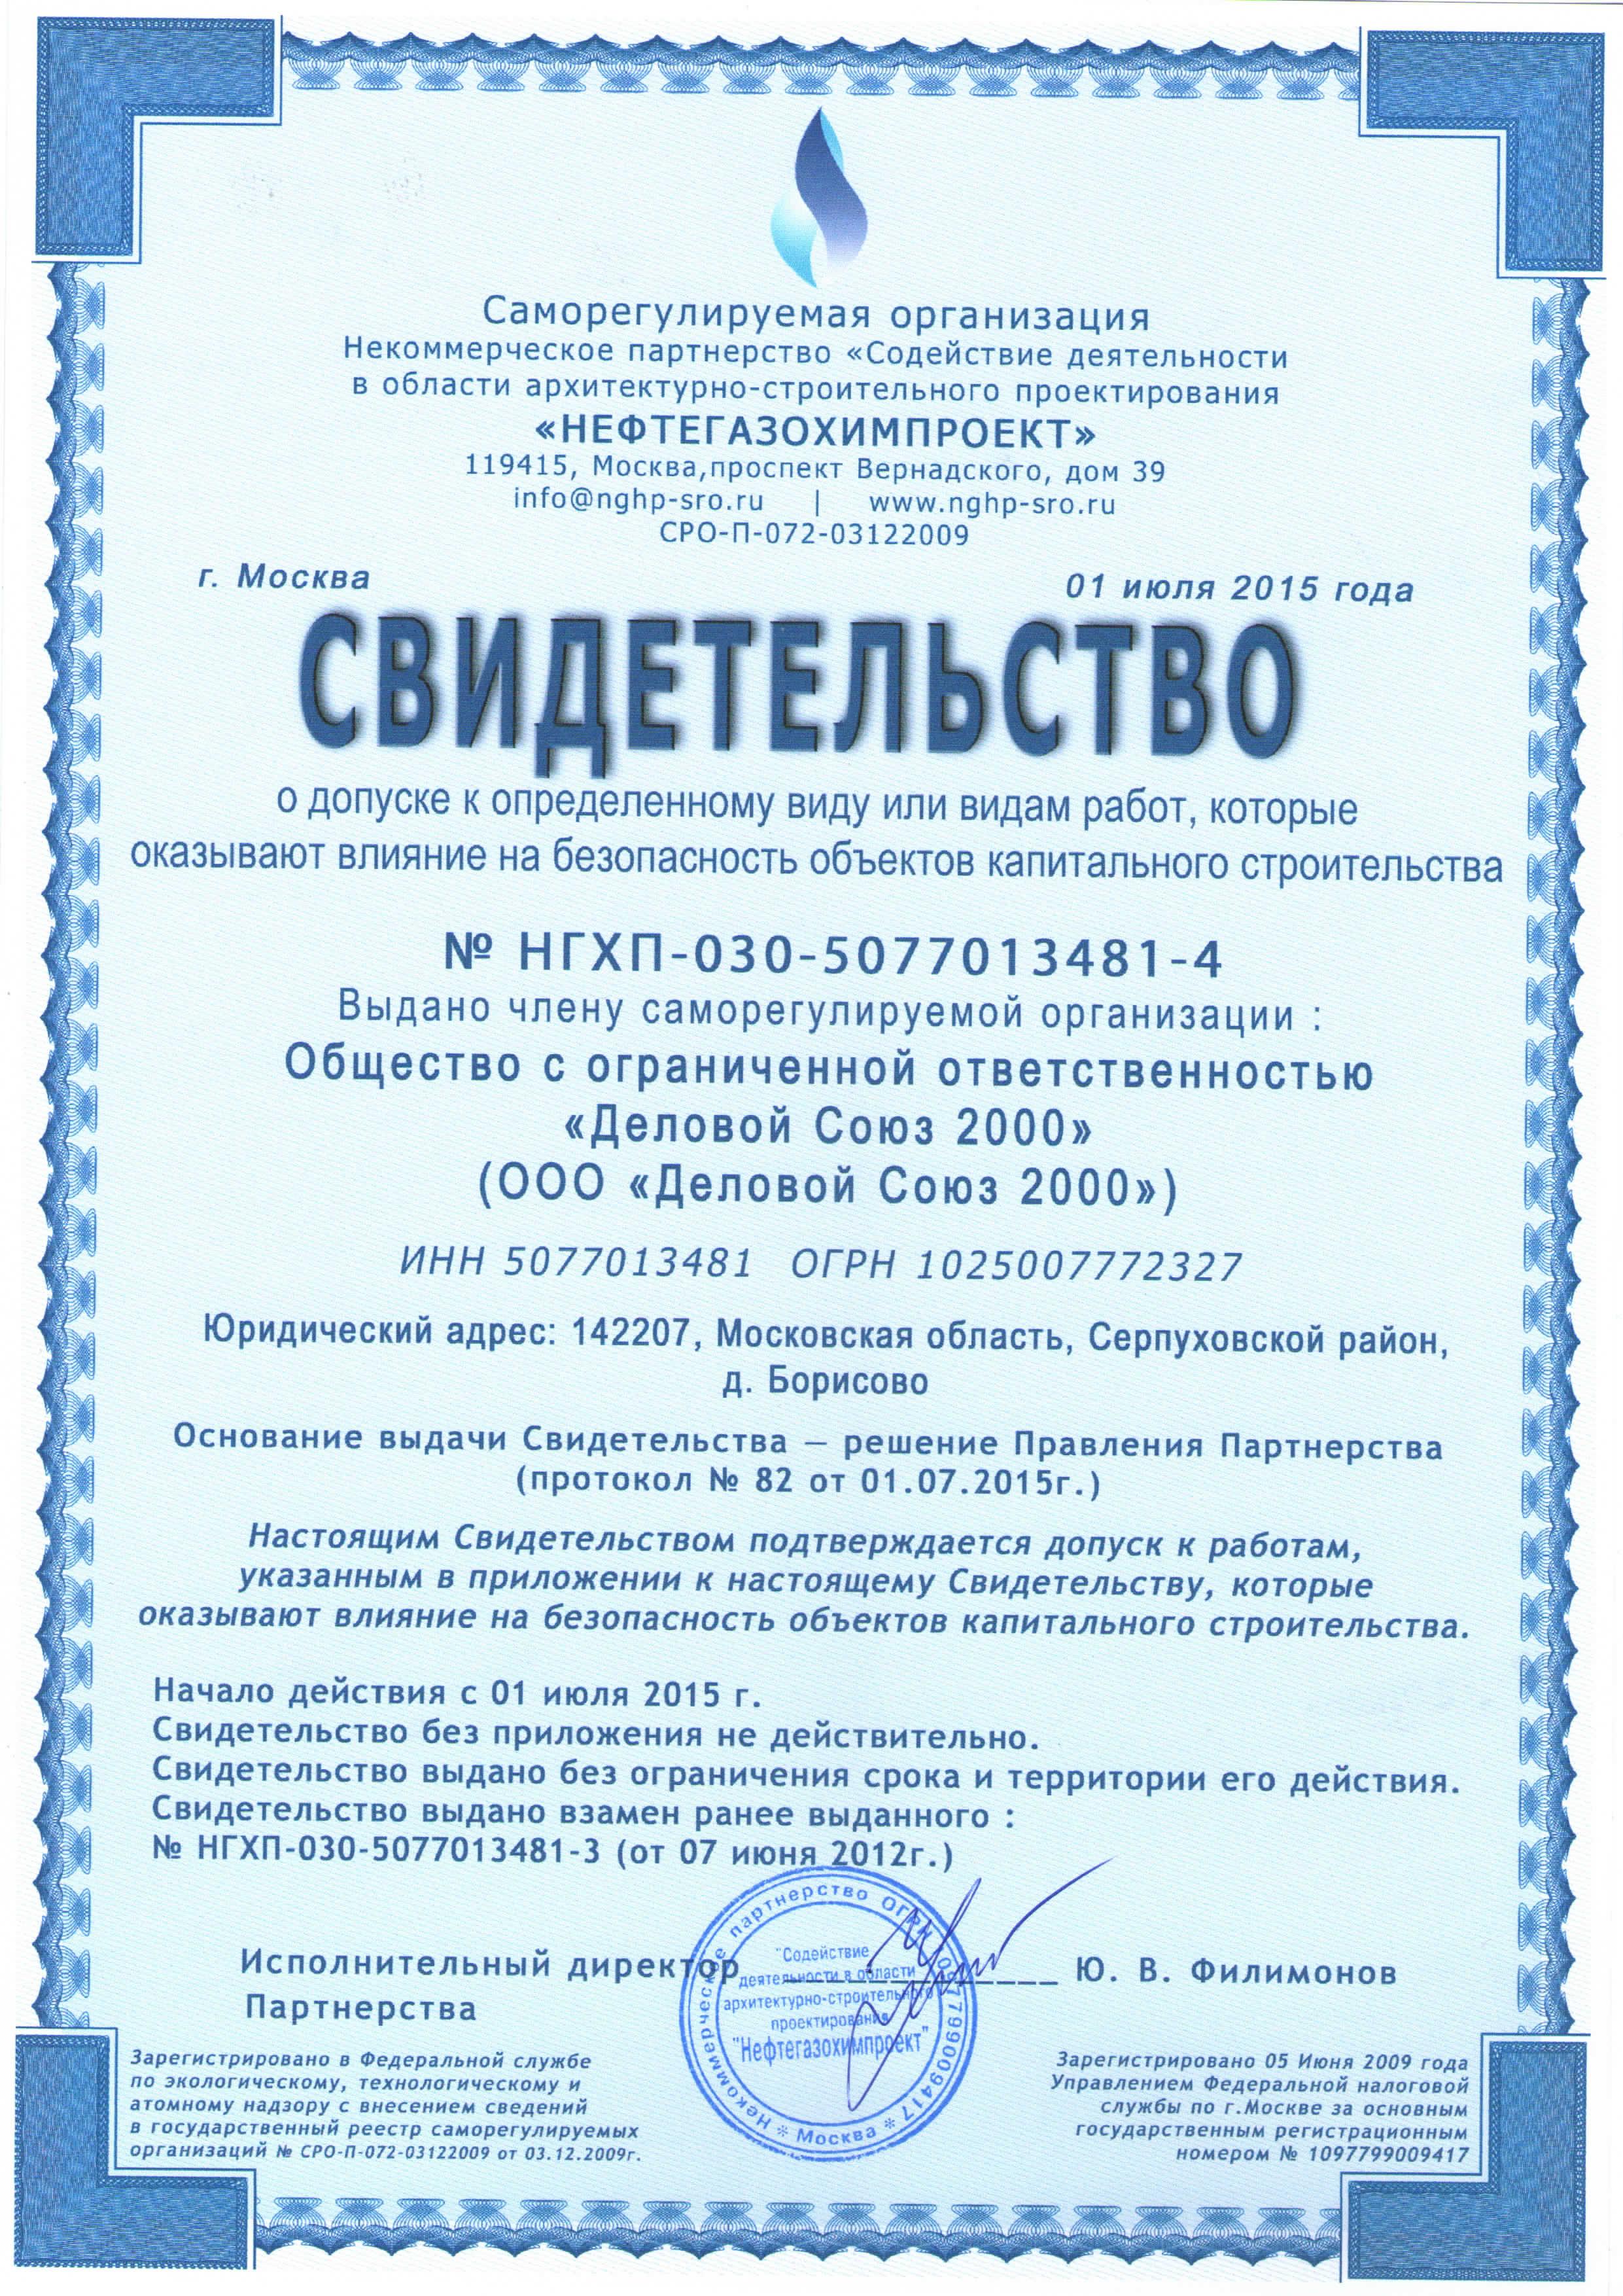 Порядок создания (регистрации) 53